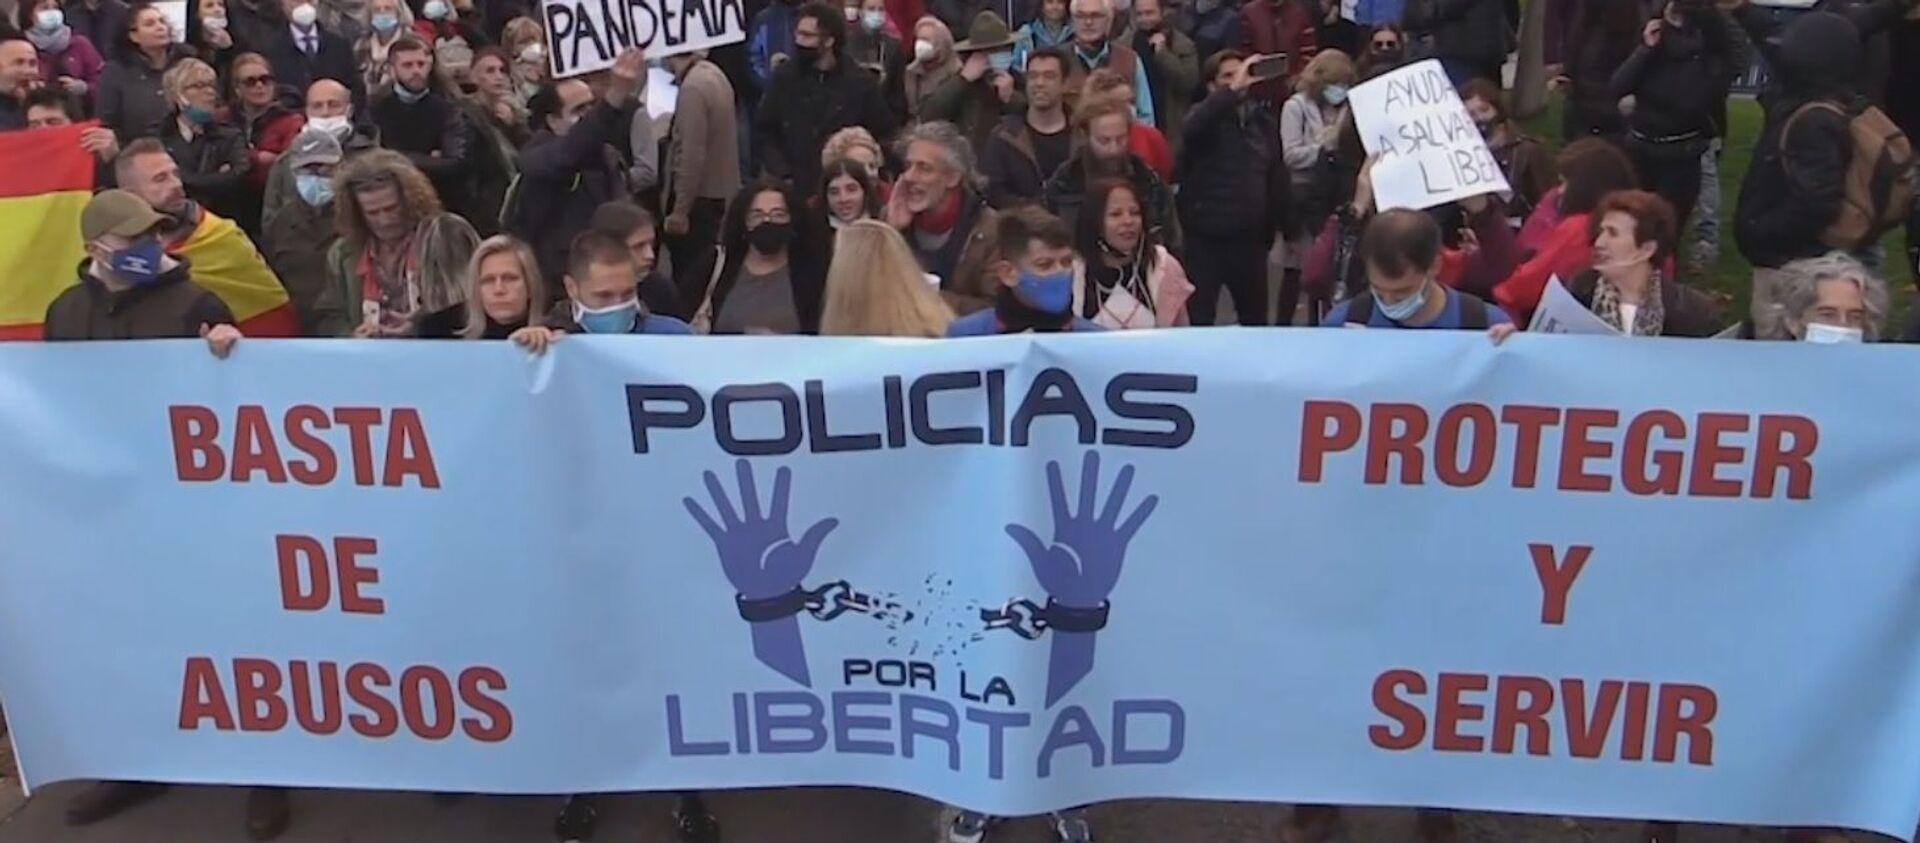 'Policías por la Libertad' convocan una marcha contra las medidas anti-COVID en Madrid - Sputnik Mundo, 1920, 08.11.2020